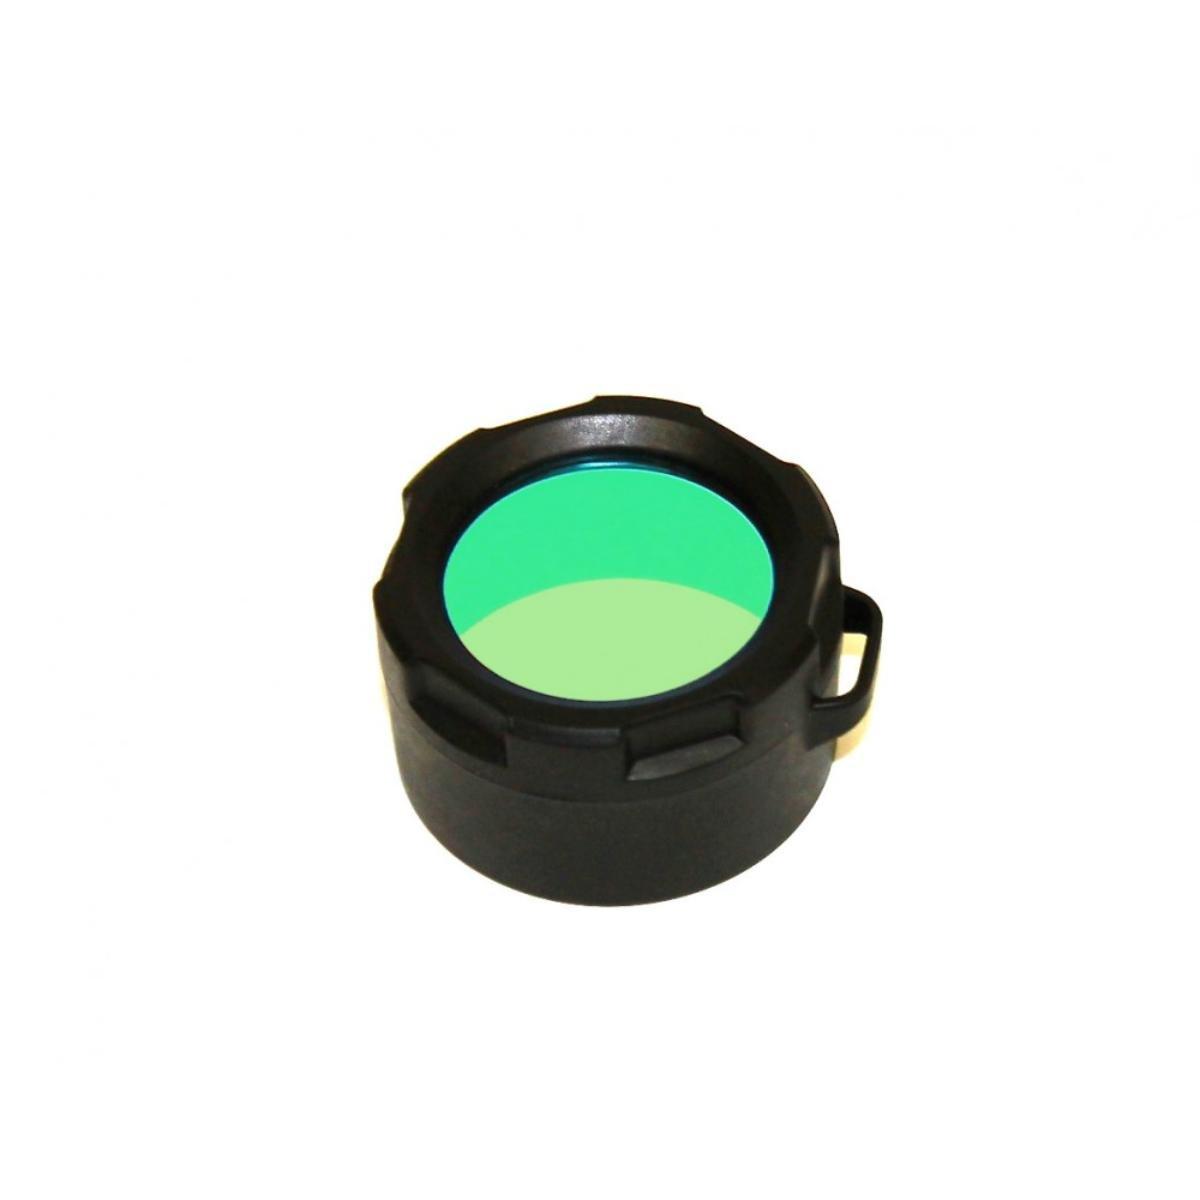 PowerTac FIL-GRE5 Filter, Green